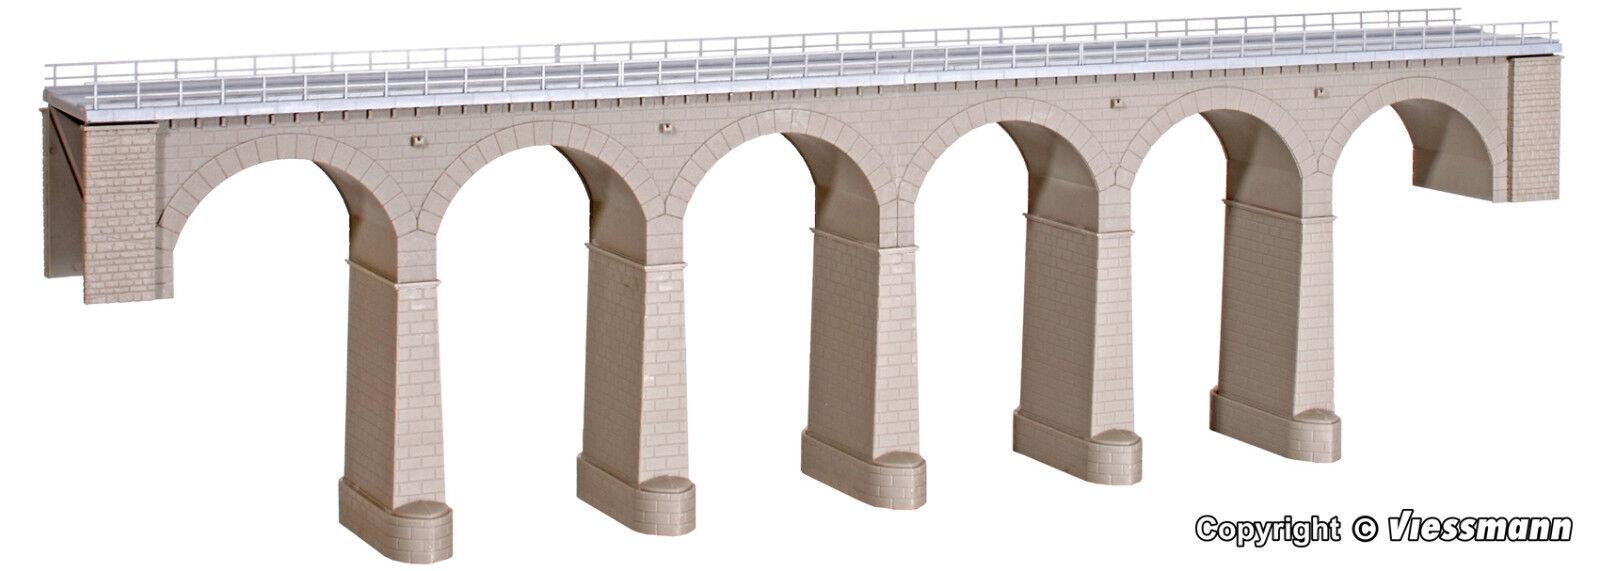 Kibri H0  39724  Aachtal-Viadukt gerade f. C-Gleis  NEU OVP  | Lebhaft und liebenswert